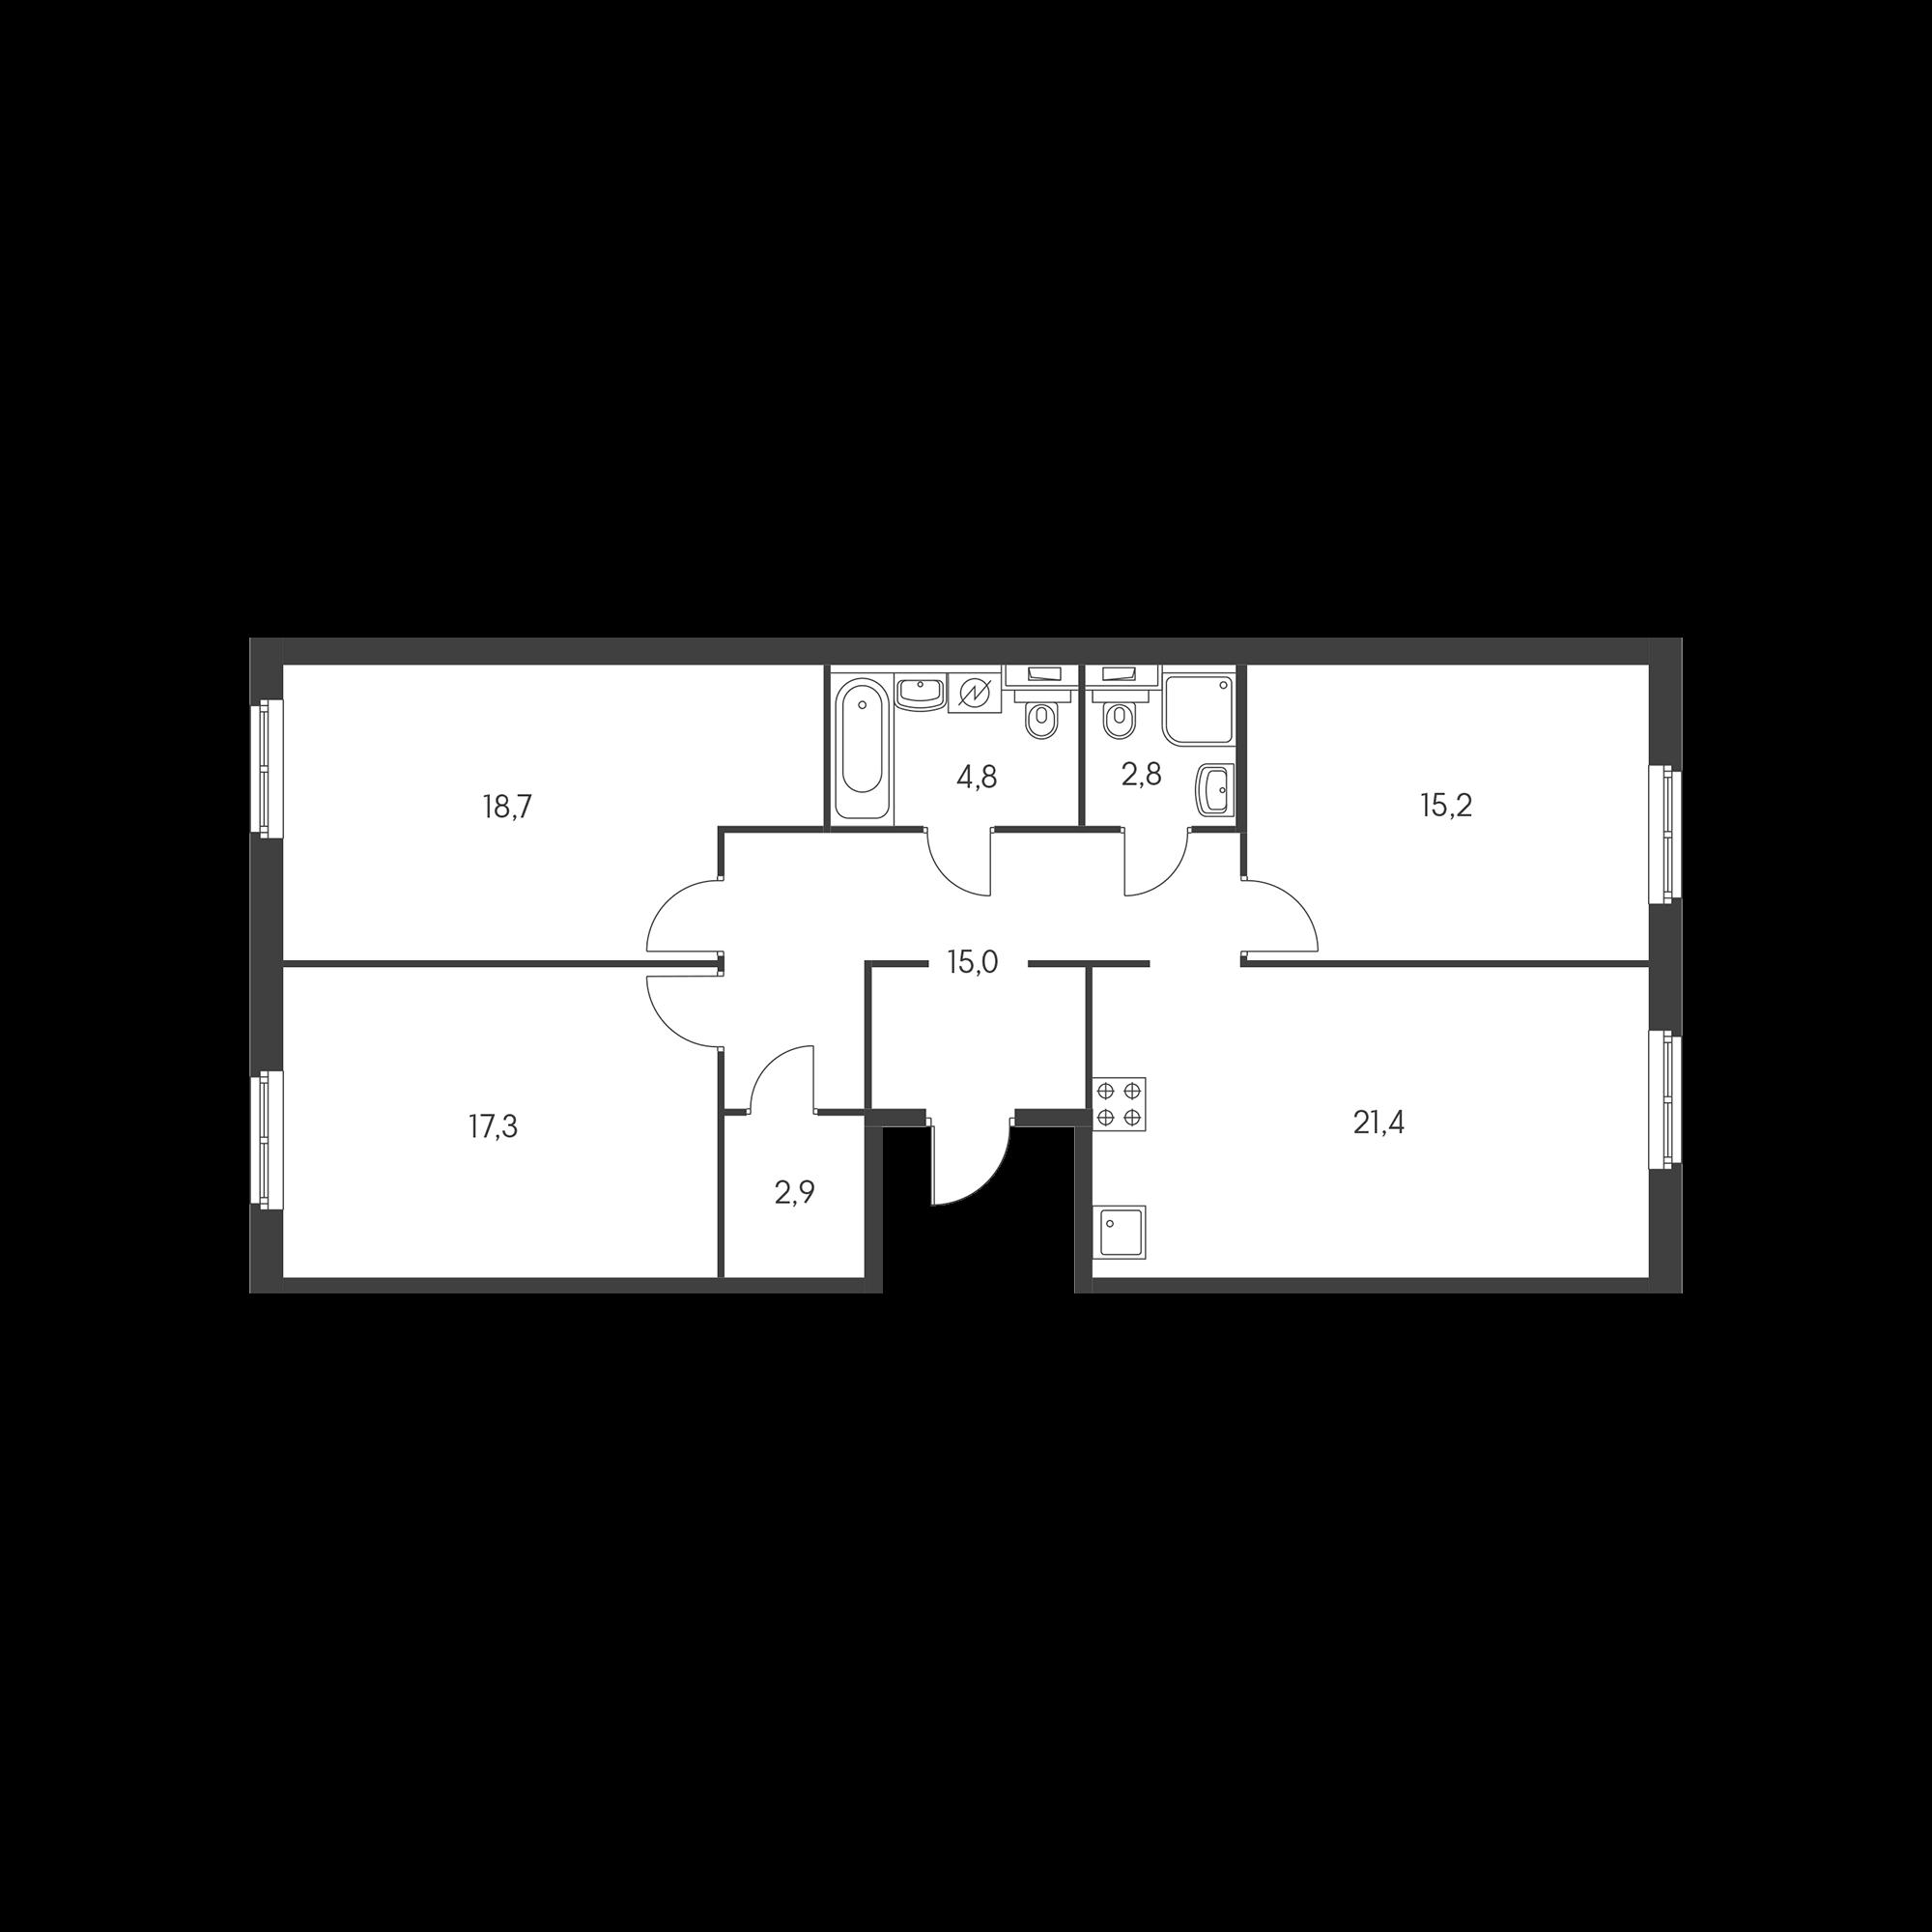 3-комнатная 98.1 м²